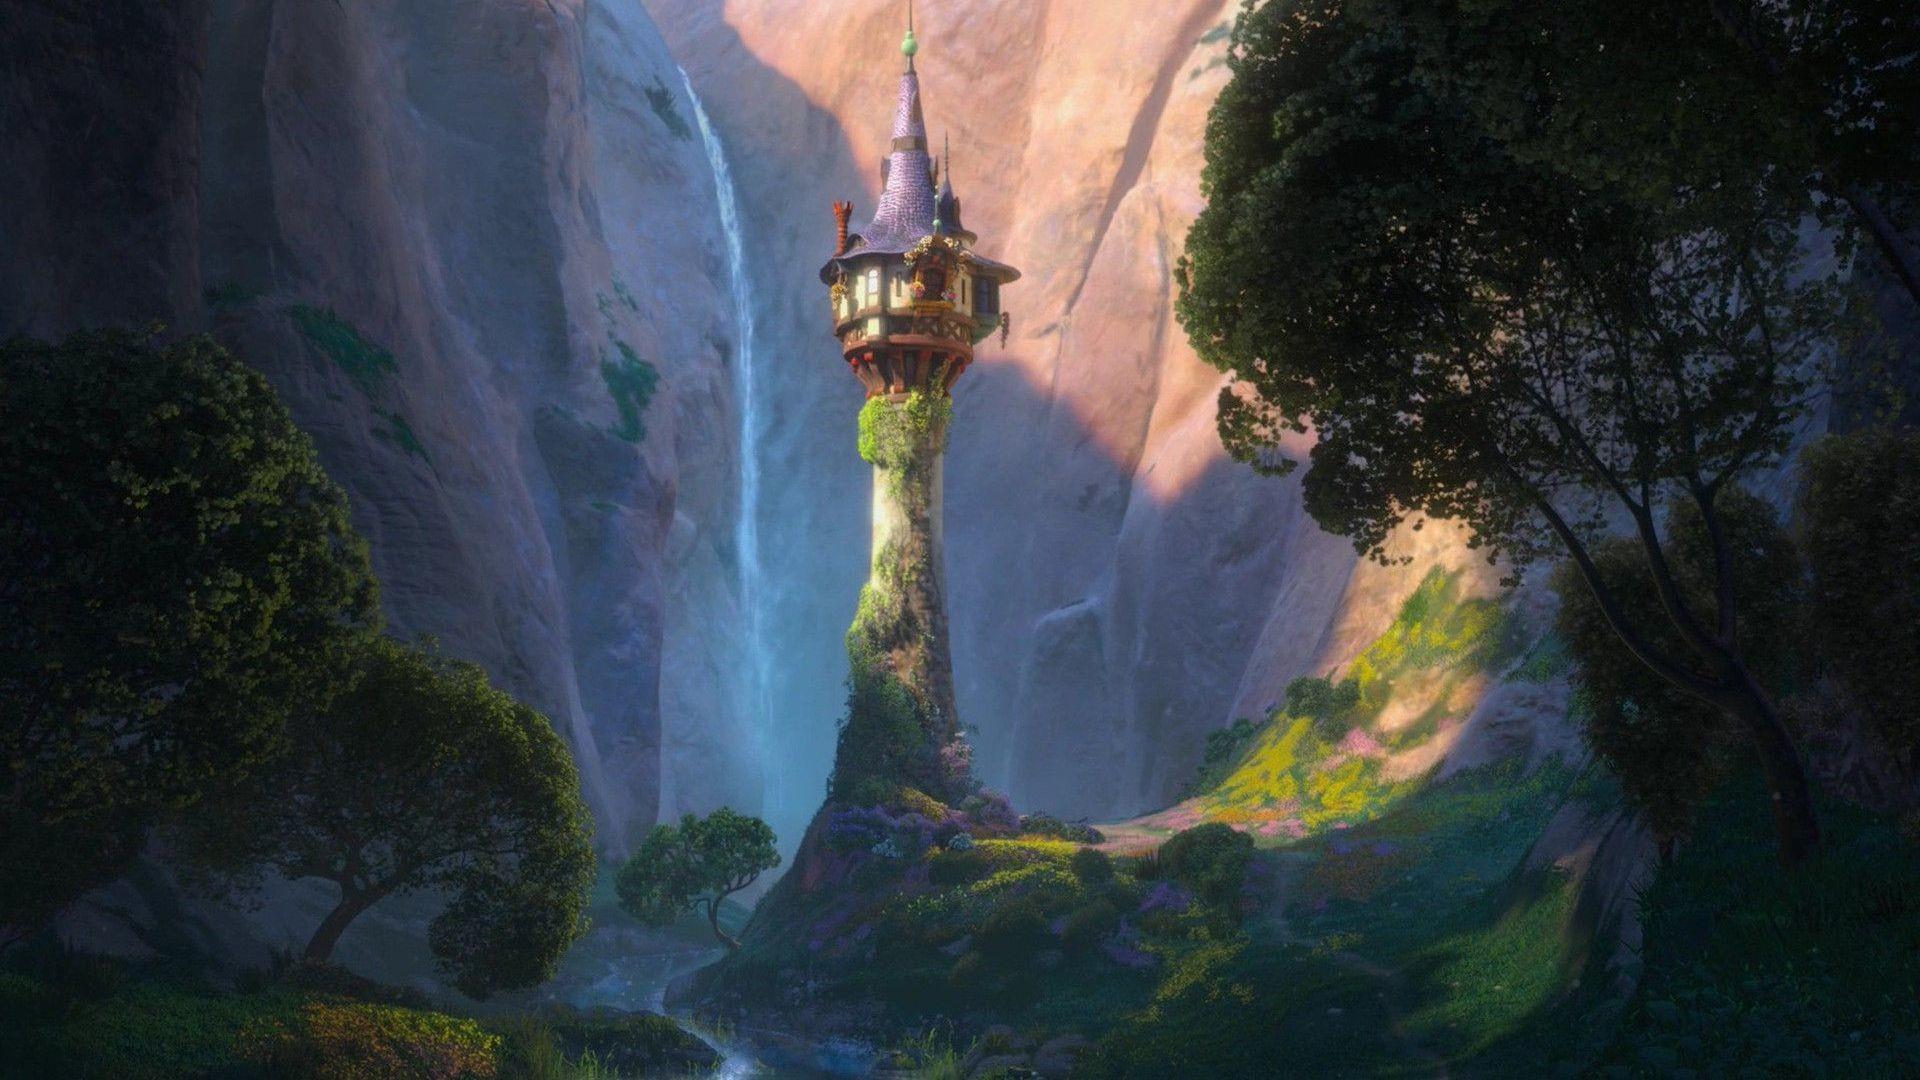 Rapunzel's tower – Tangled HD Wallpaper Rapunzel's …